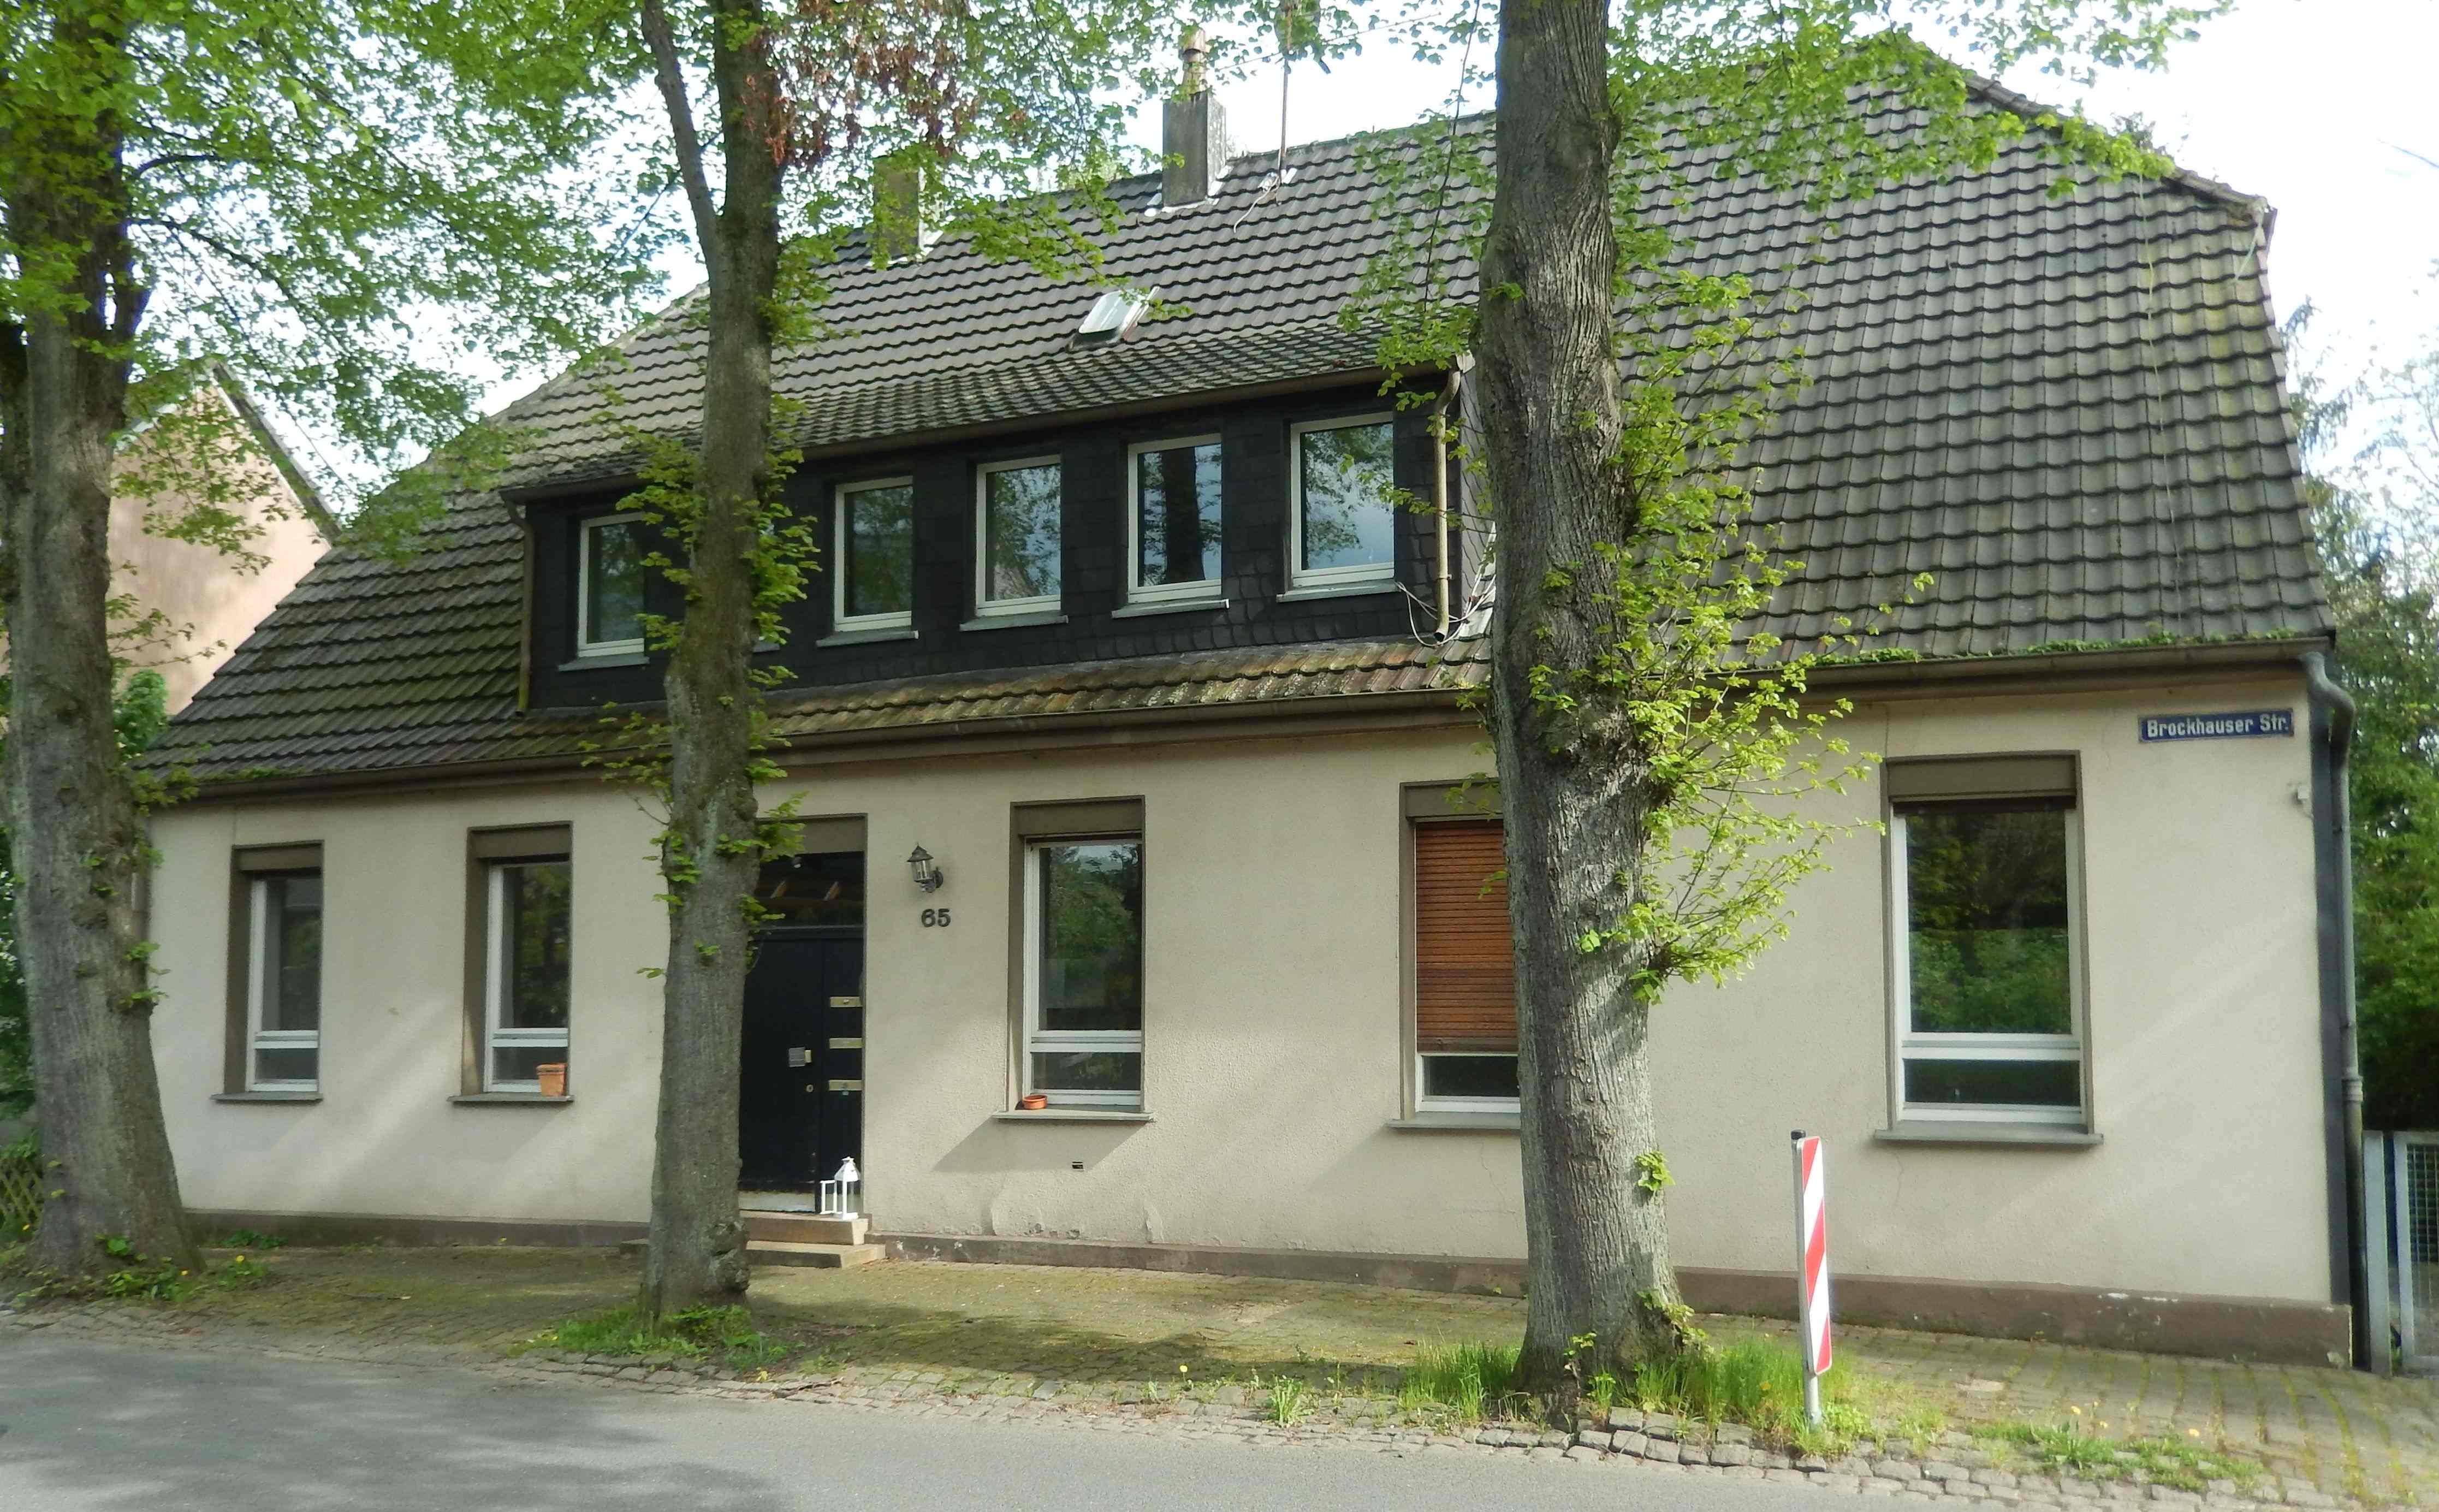 brockhauser-strasse-ehemaliges-schulvikarierhaus-bochum-stiepel